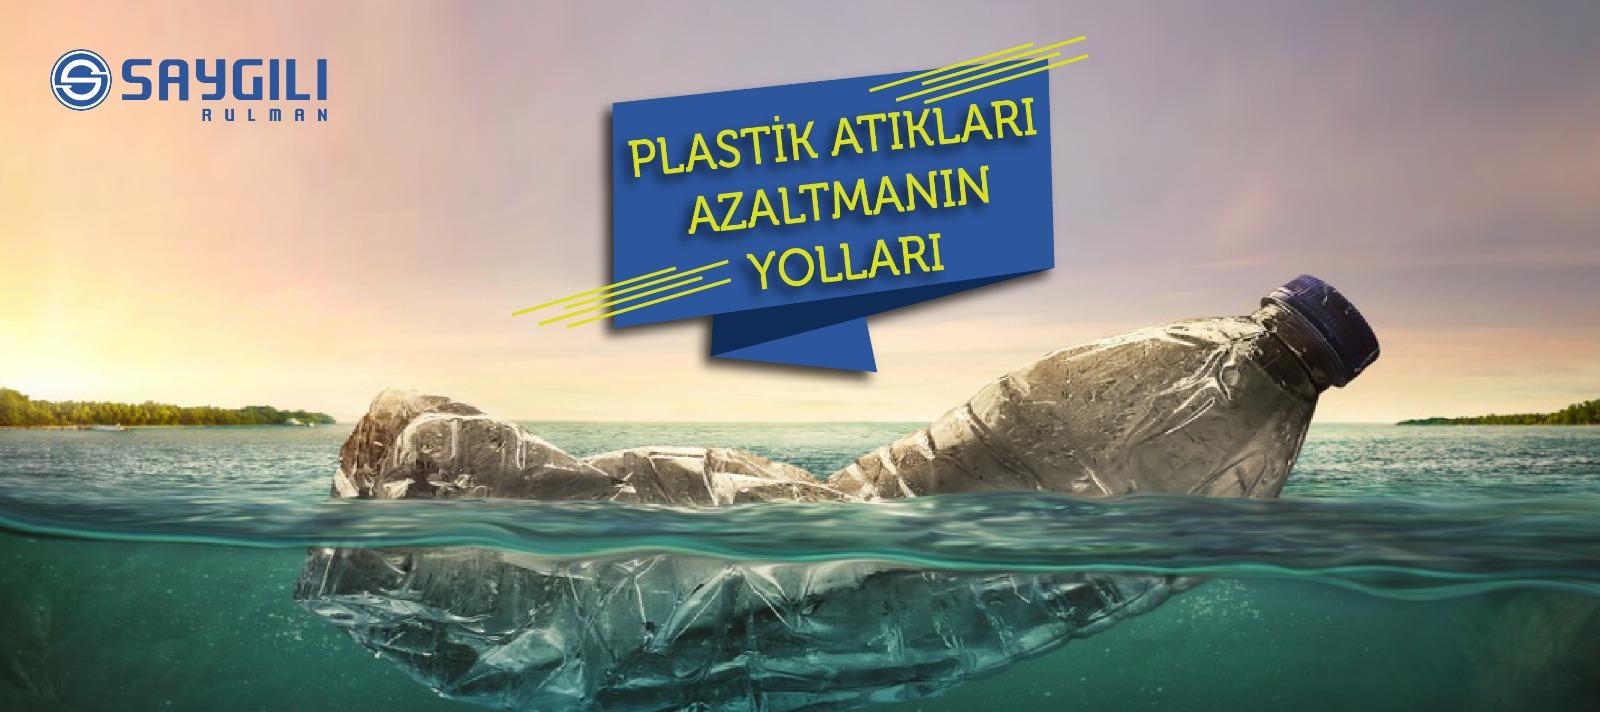 PLASTİK ATIKLARI AZALTMANIN YOLLARI